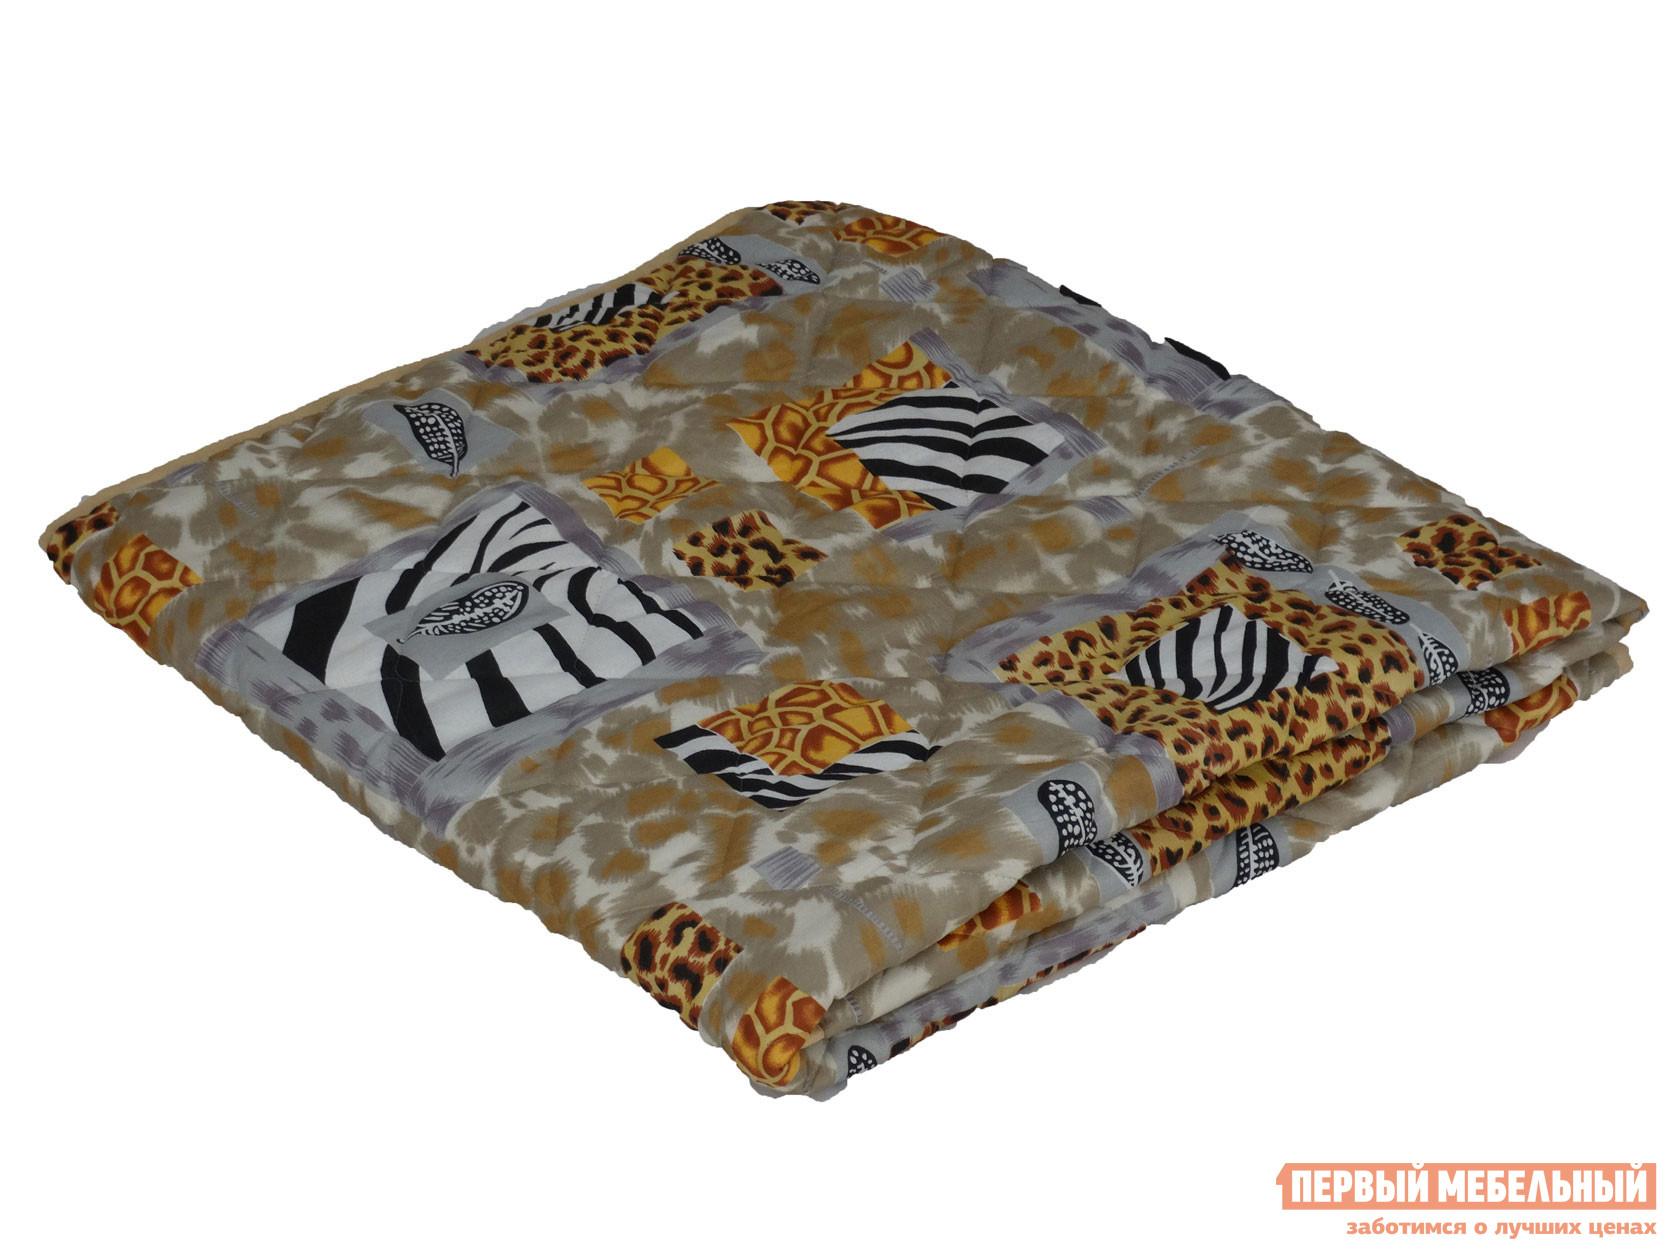 Одеяло Первый Мебельный Одеяло полиэстер/холлофайбер, 150г/м2 легкое